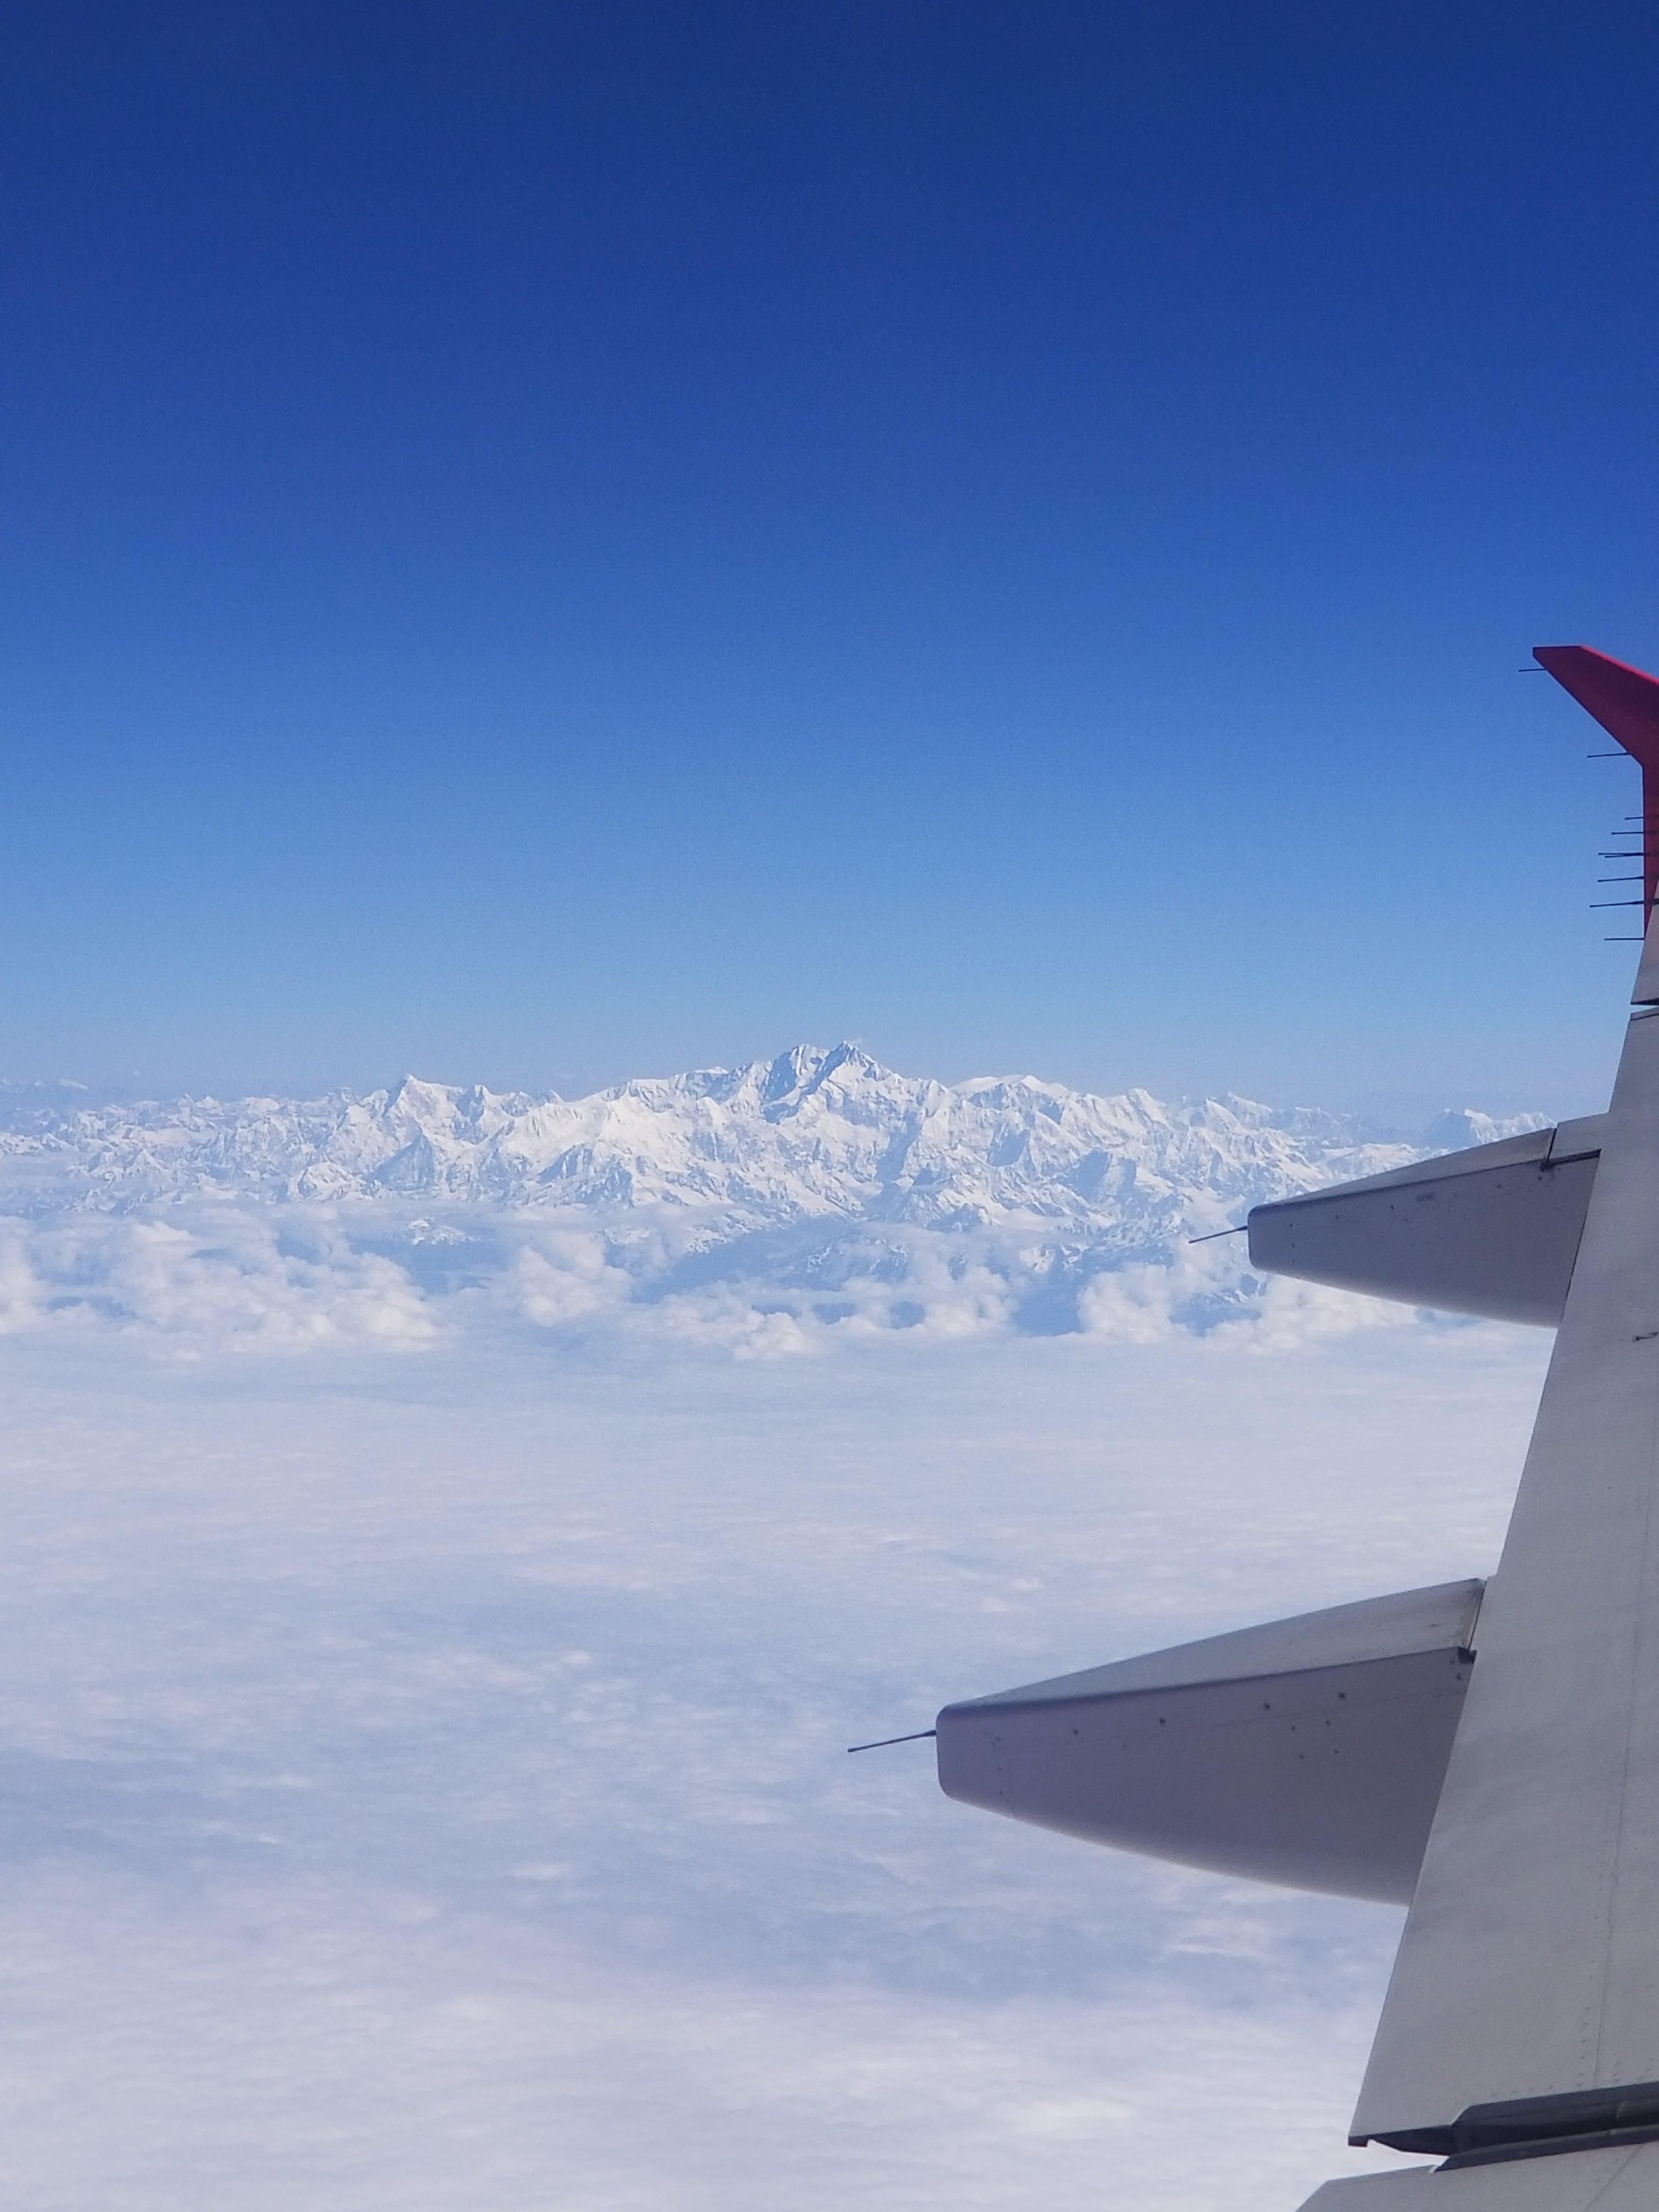 Kostenloses Stock Foto zu schöner blauer himmel